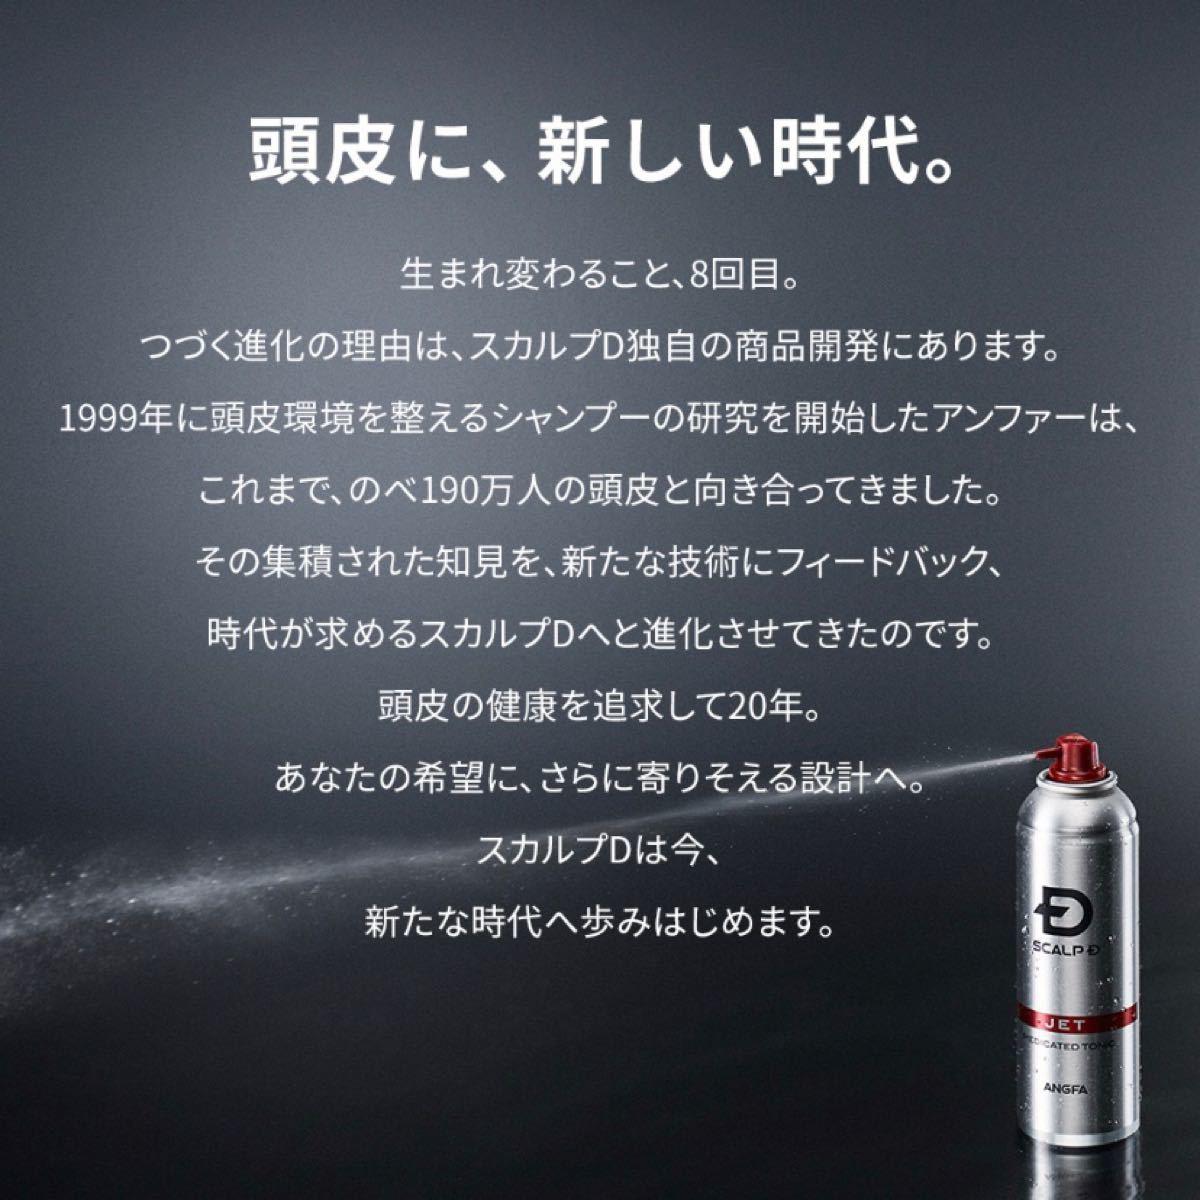 【新品・未使用】アンファー スカルプD 薬用スカルプジェット 180ml 2本